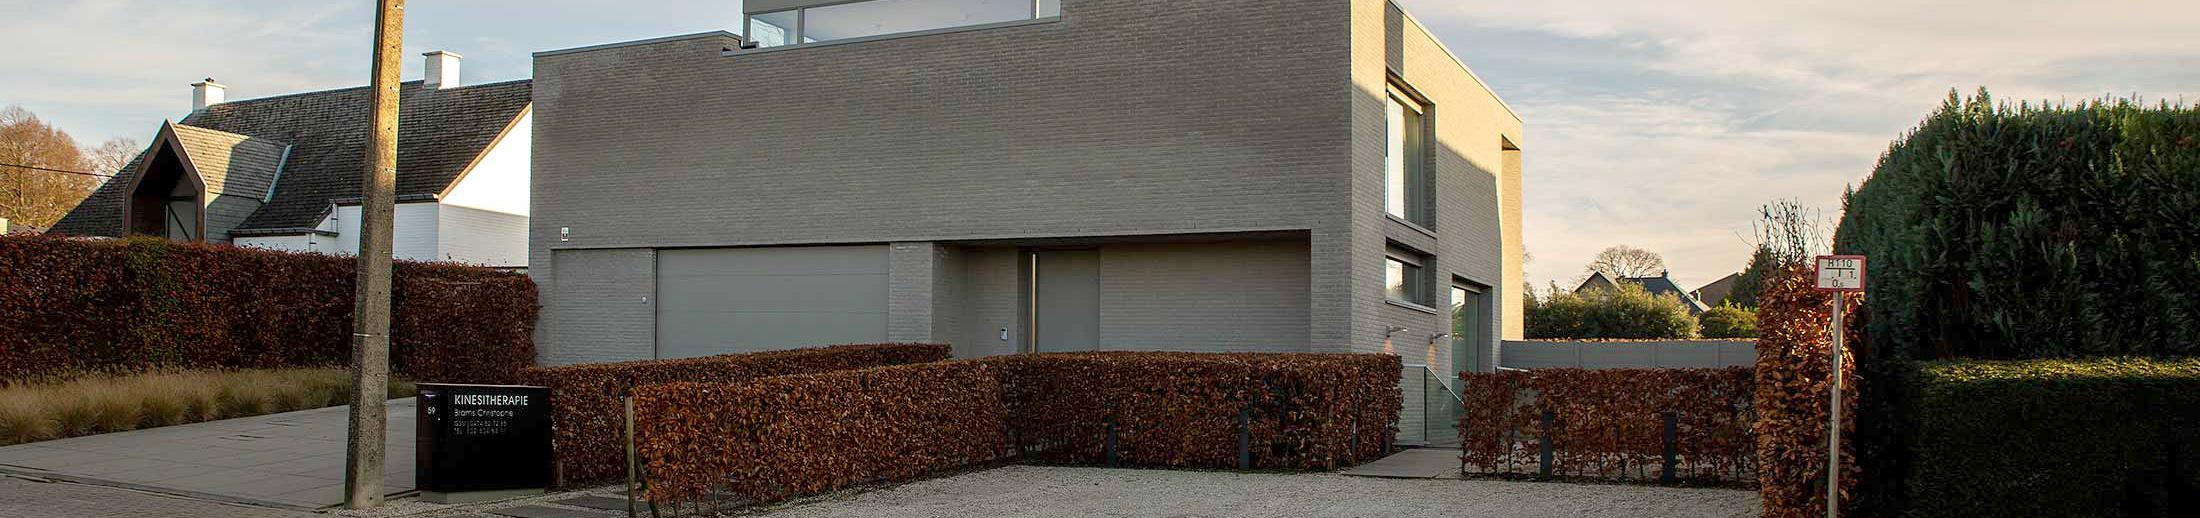 KPM_gebouw_LR01